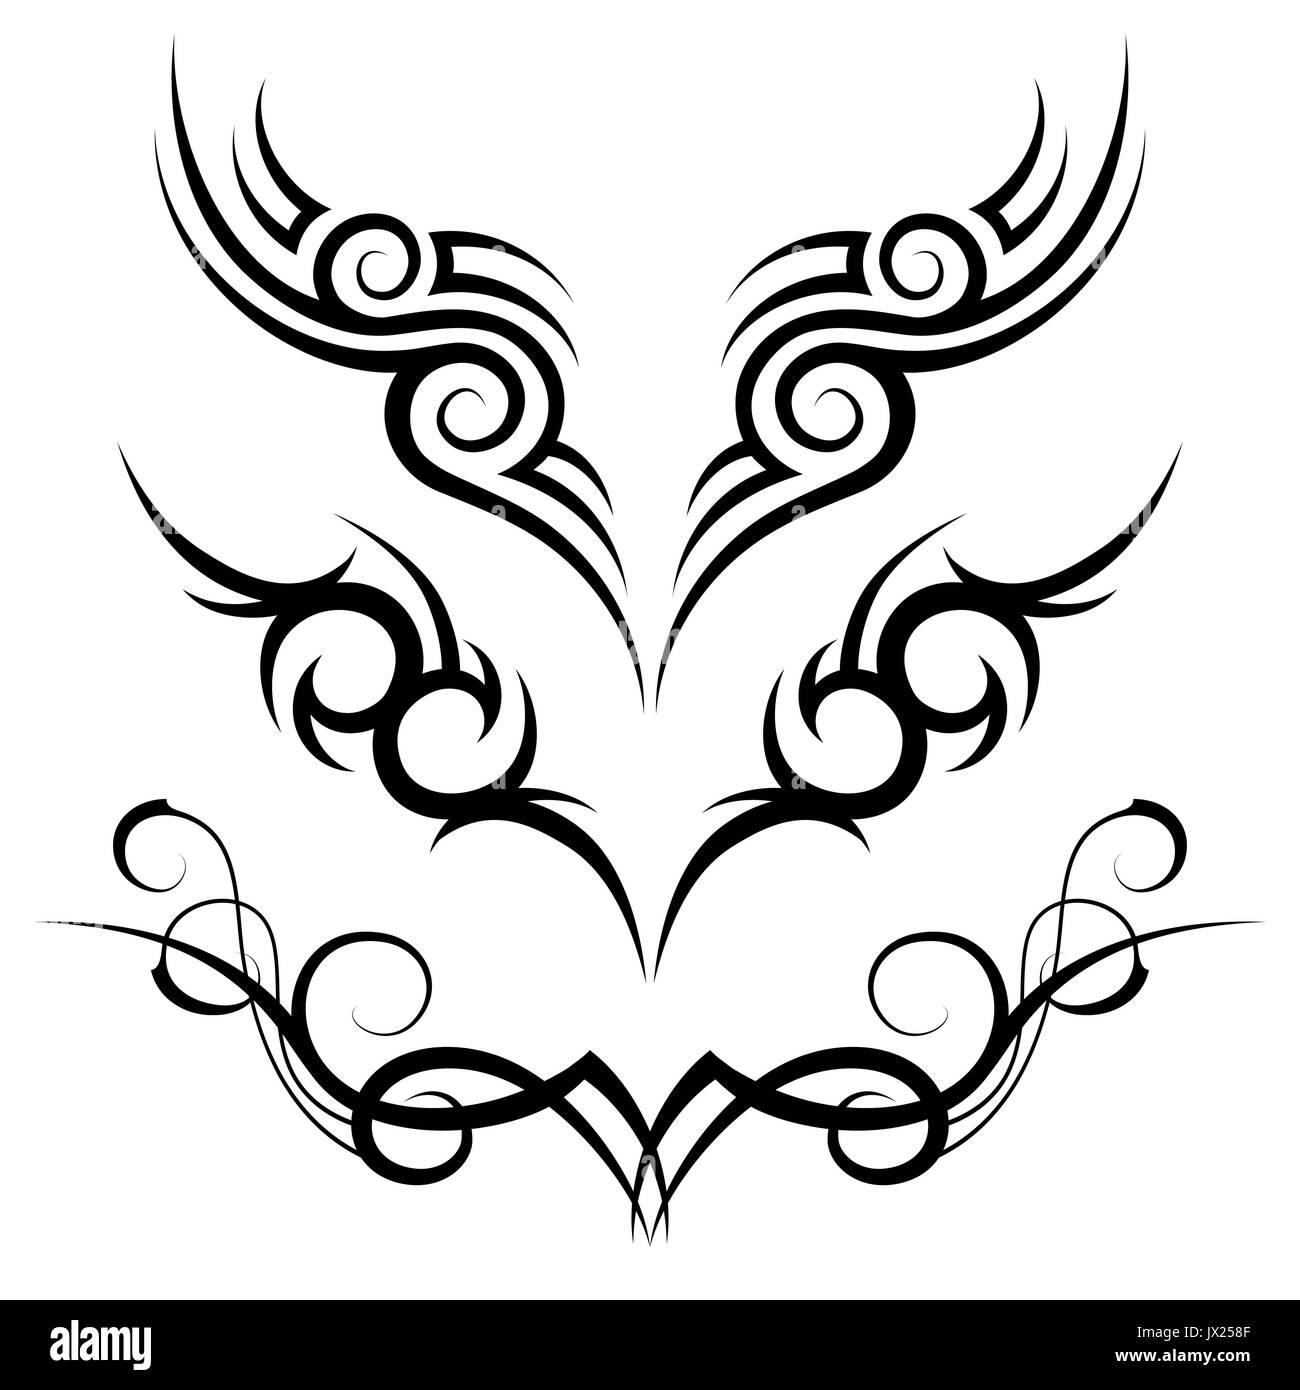 Motif Tatouage Tribal Noir Trois Sur Fond Blanc Vecteurs Et